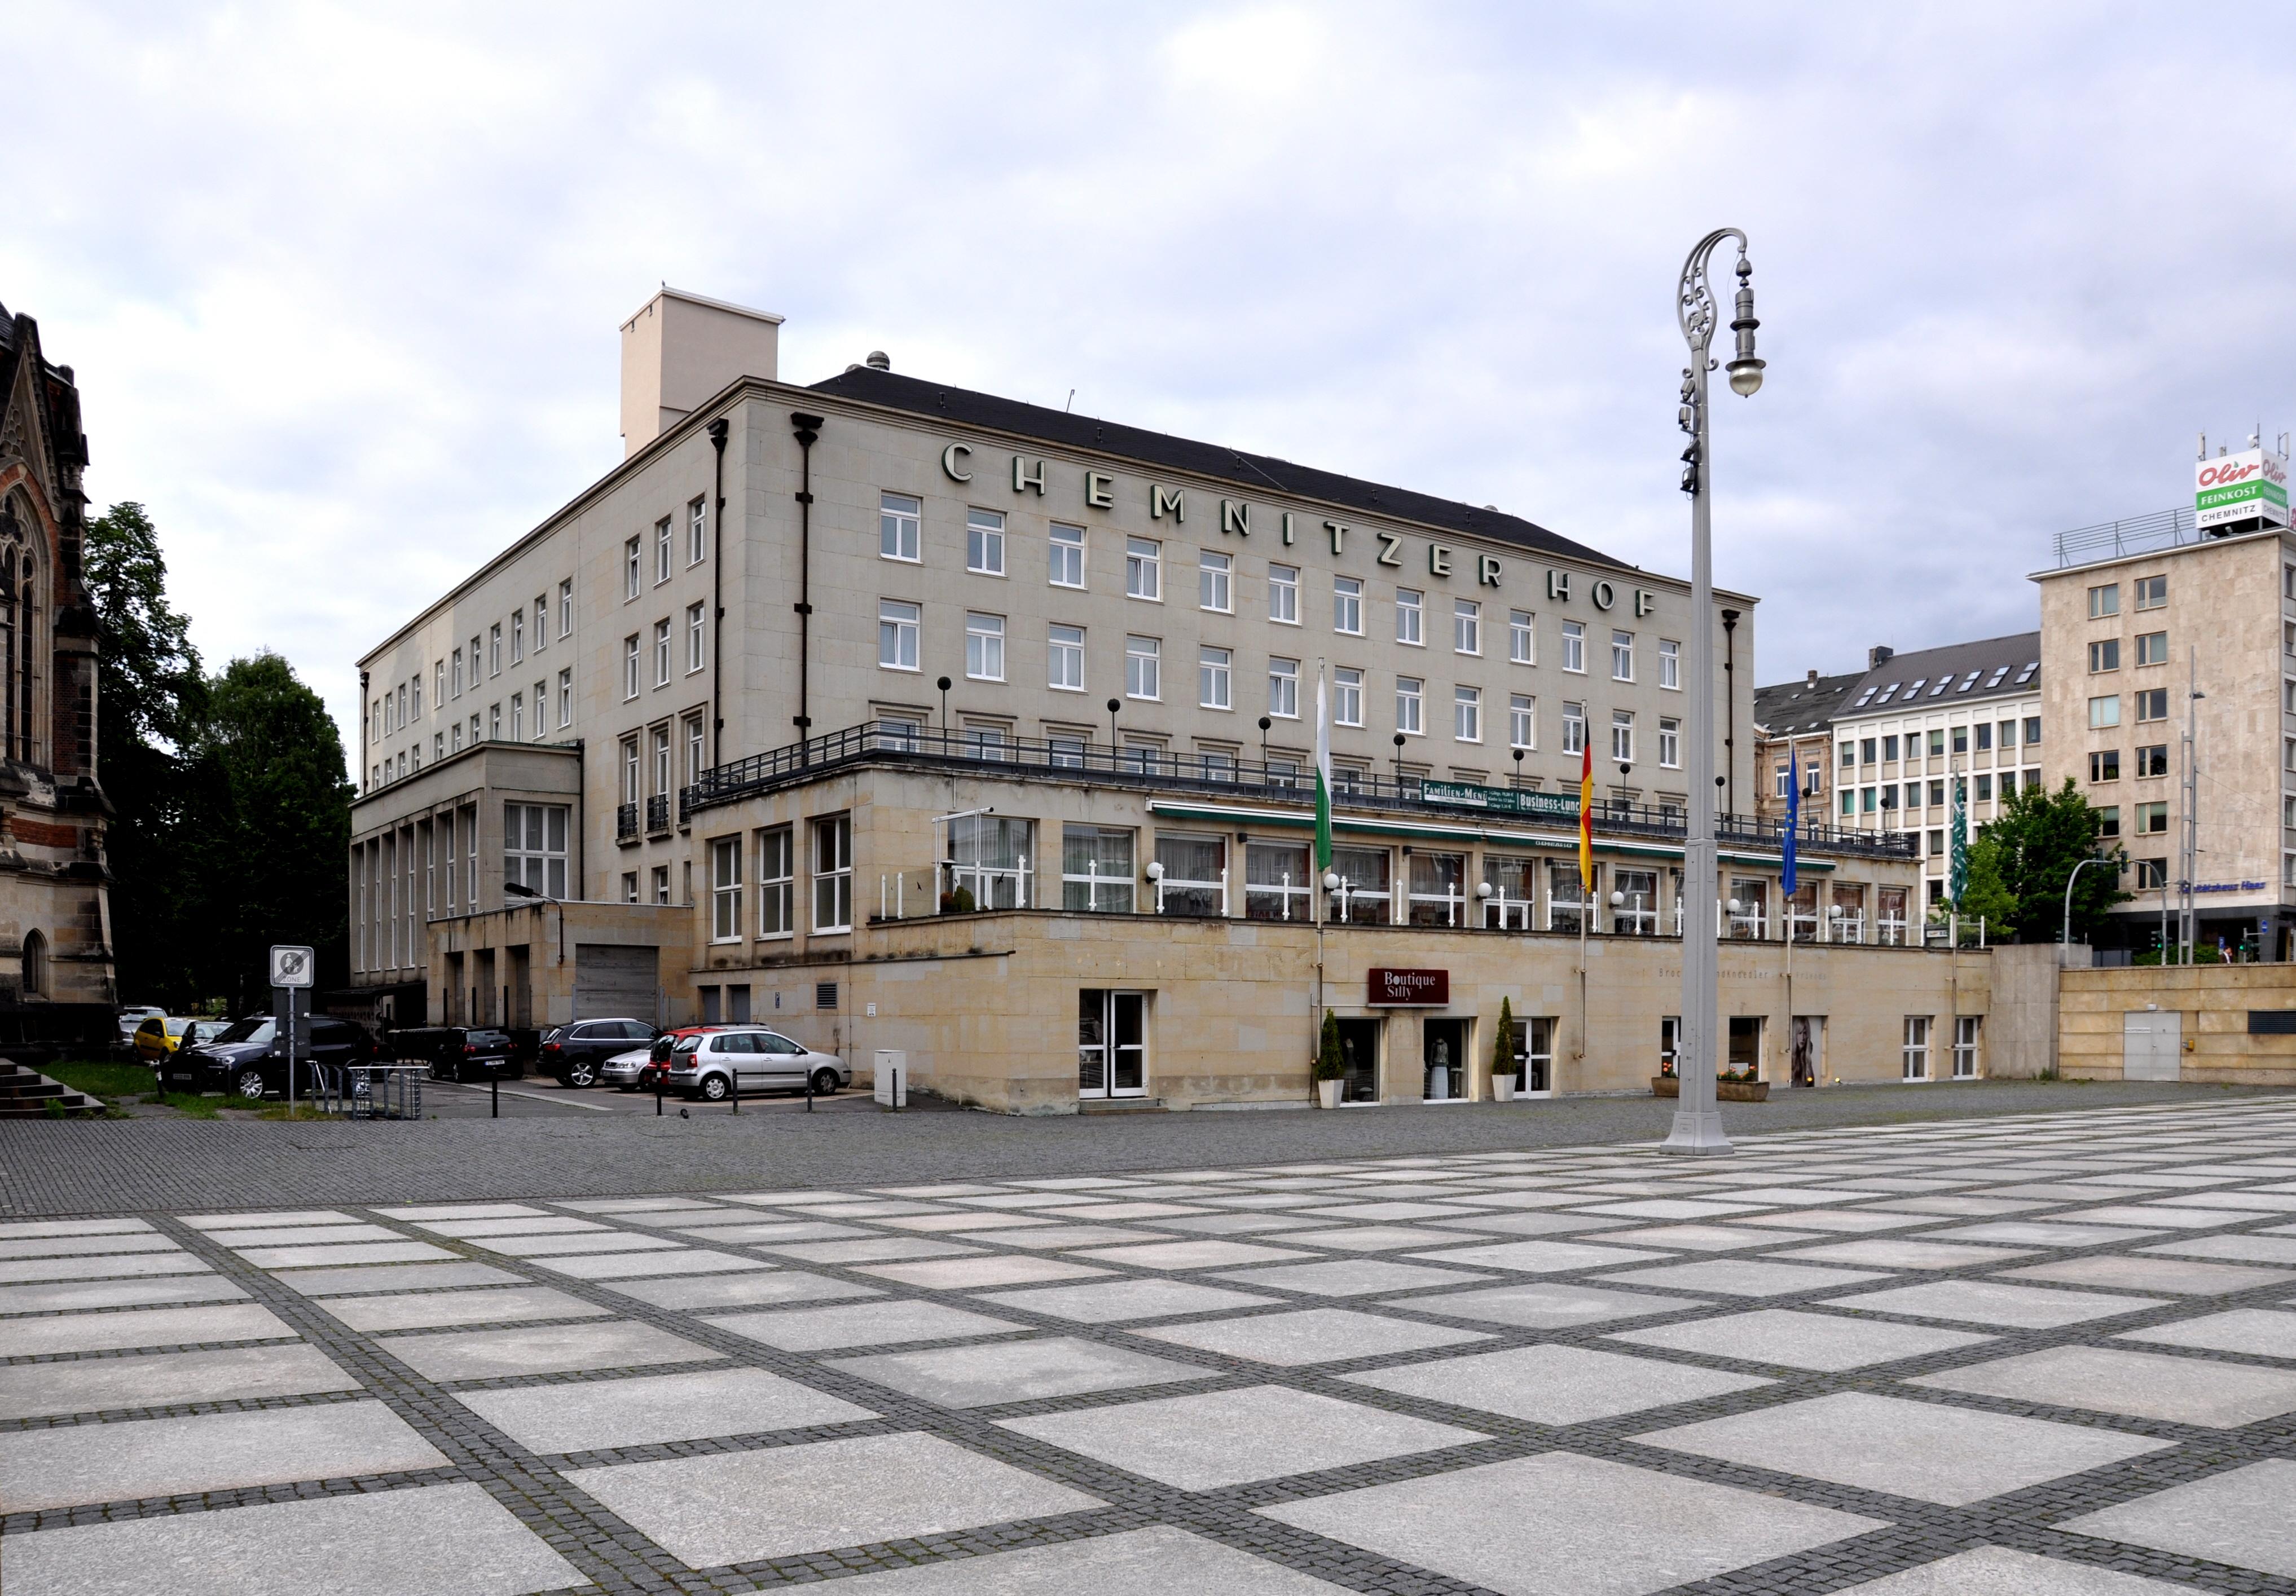 Hotel Chemnitz Hof